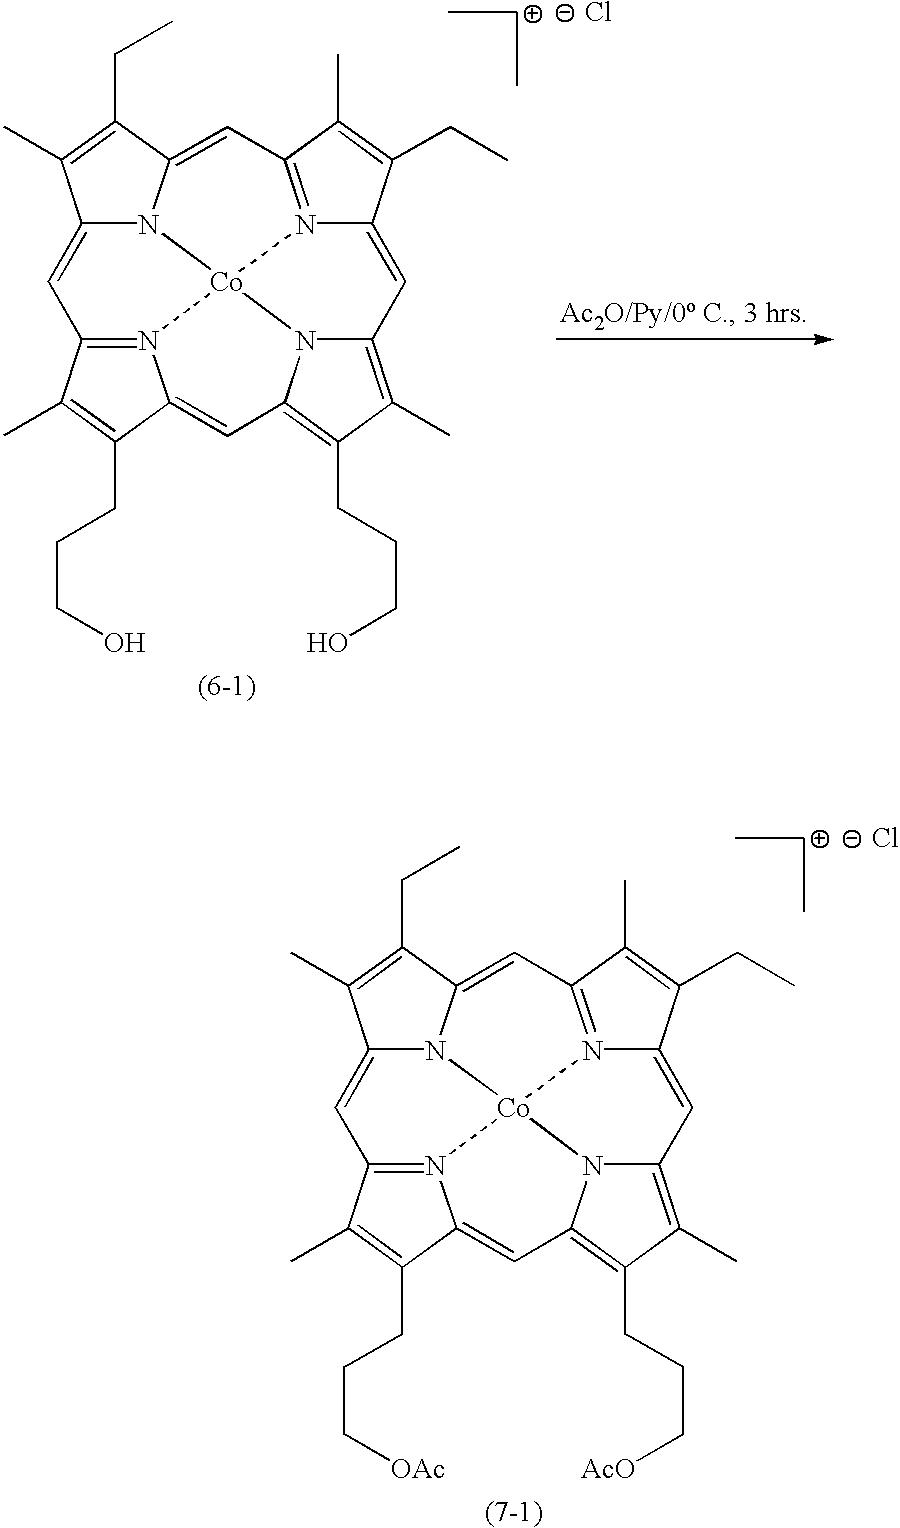 Figure US20020165216A1-20021107-C00018